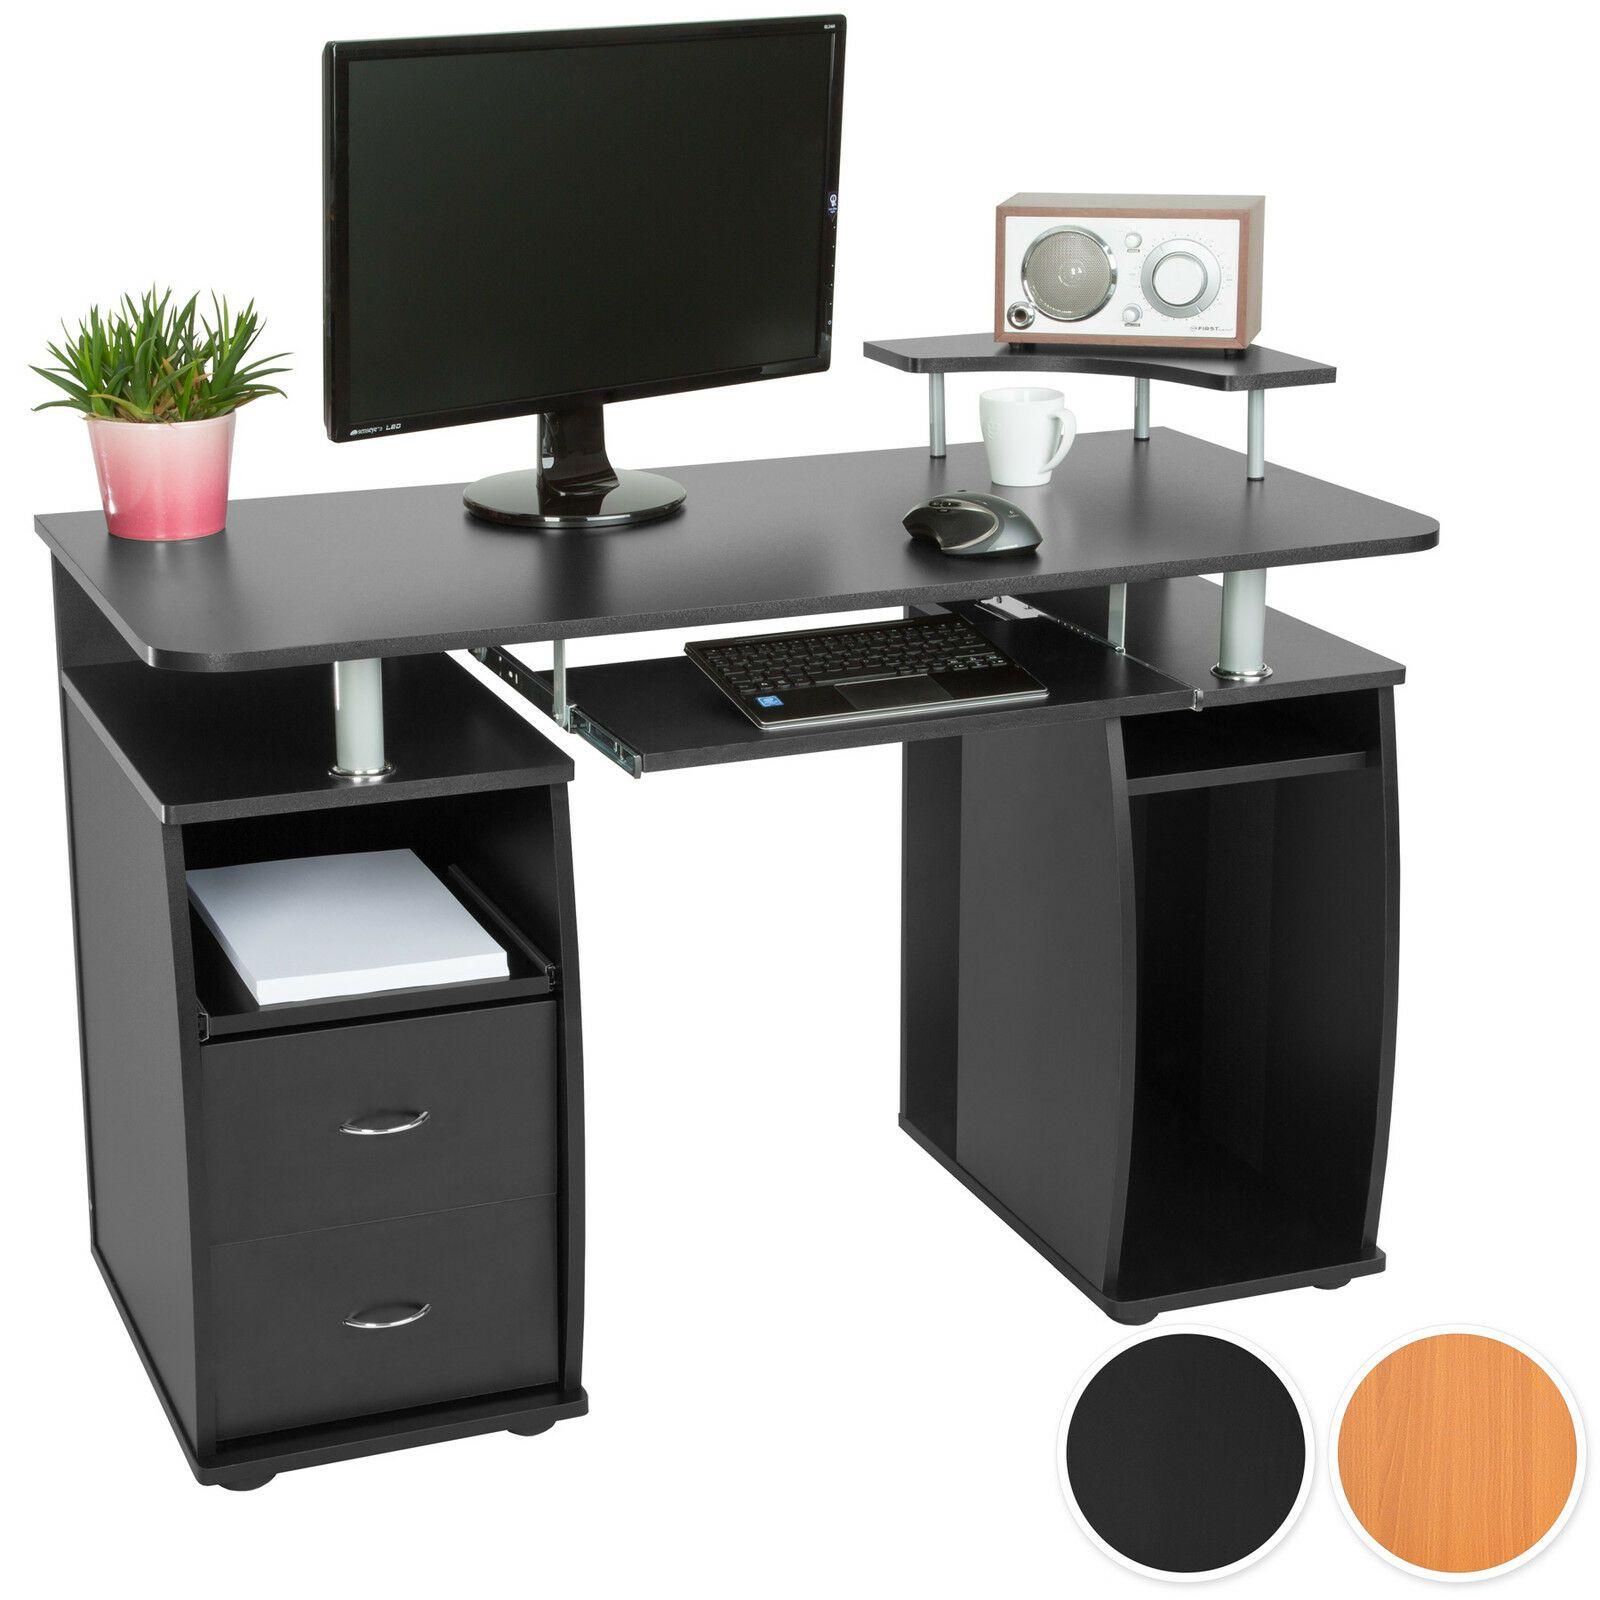 Bureau Informatique Table De Lordinateur Travail Mobilier Meubles Pc Informatique Idees De Informati Computer Desk Design Quality Office Furniture Pc Desk